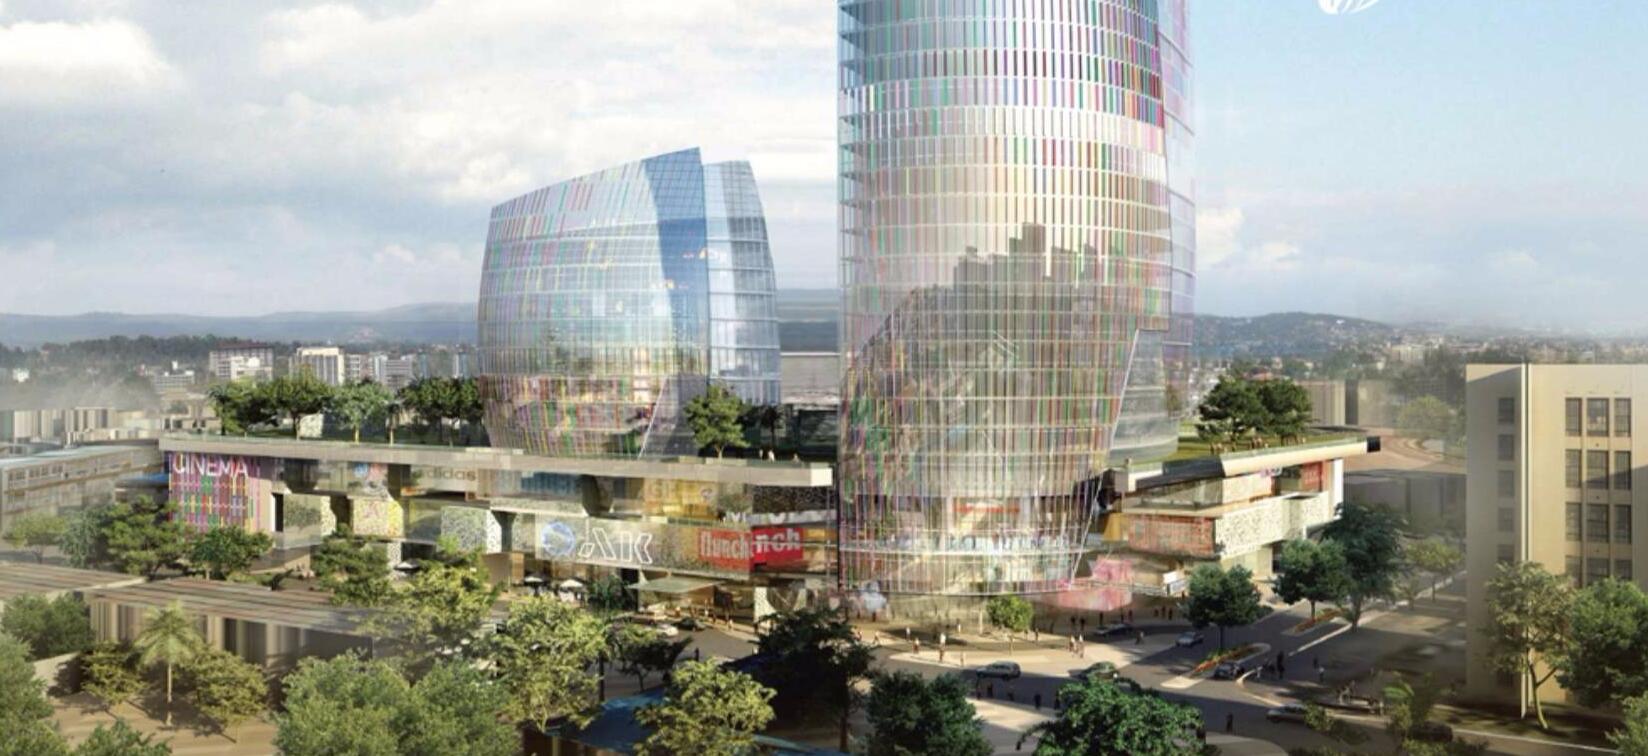 埃塞俄比亚亚的斯亚贝巴展览中心-非洲展馆